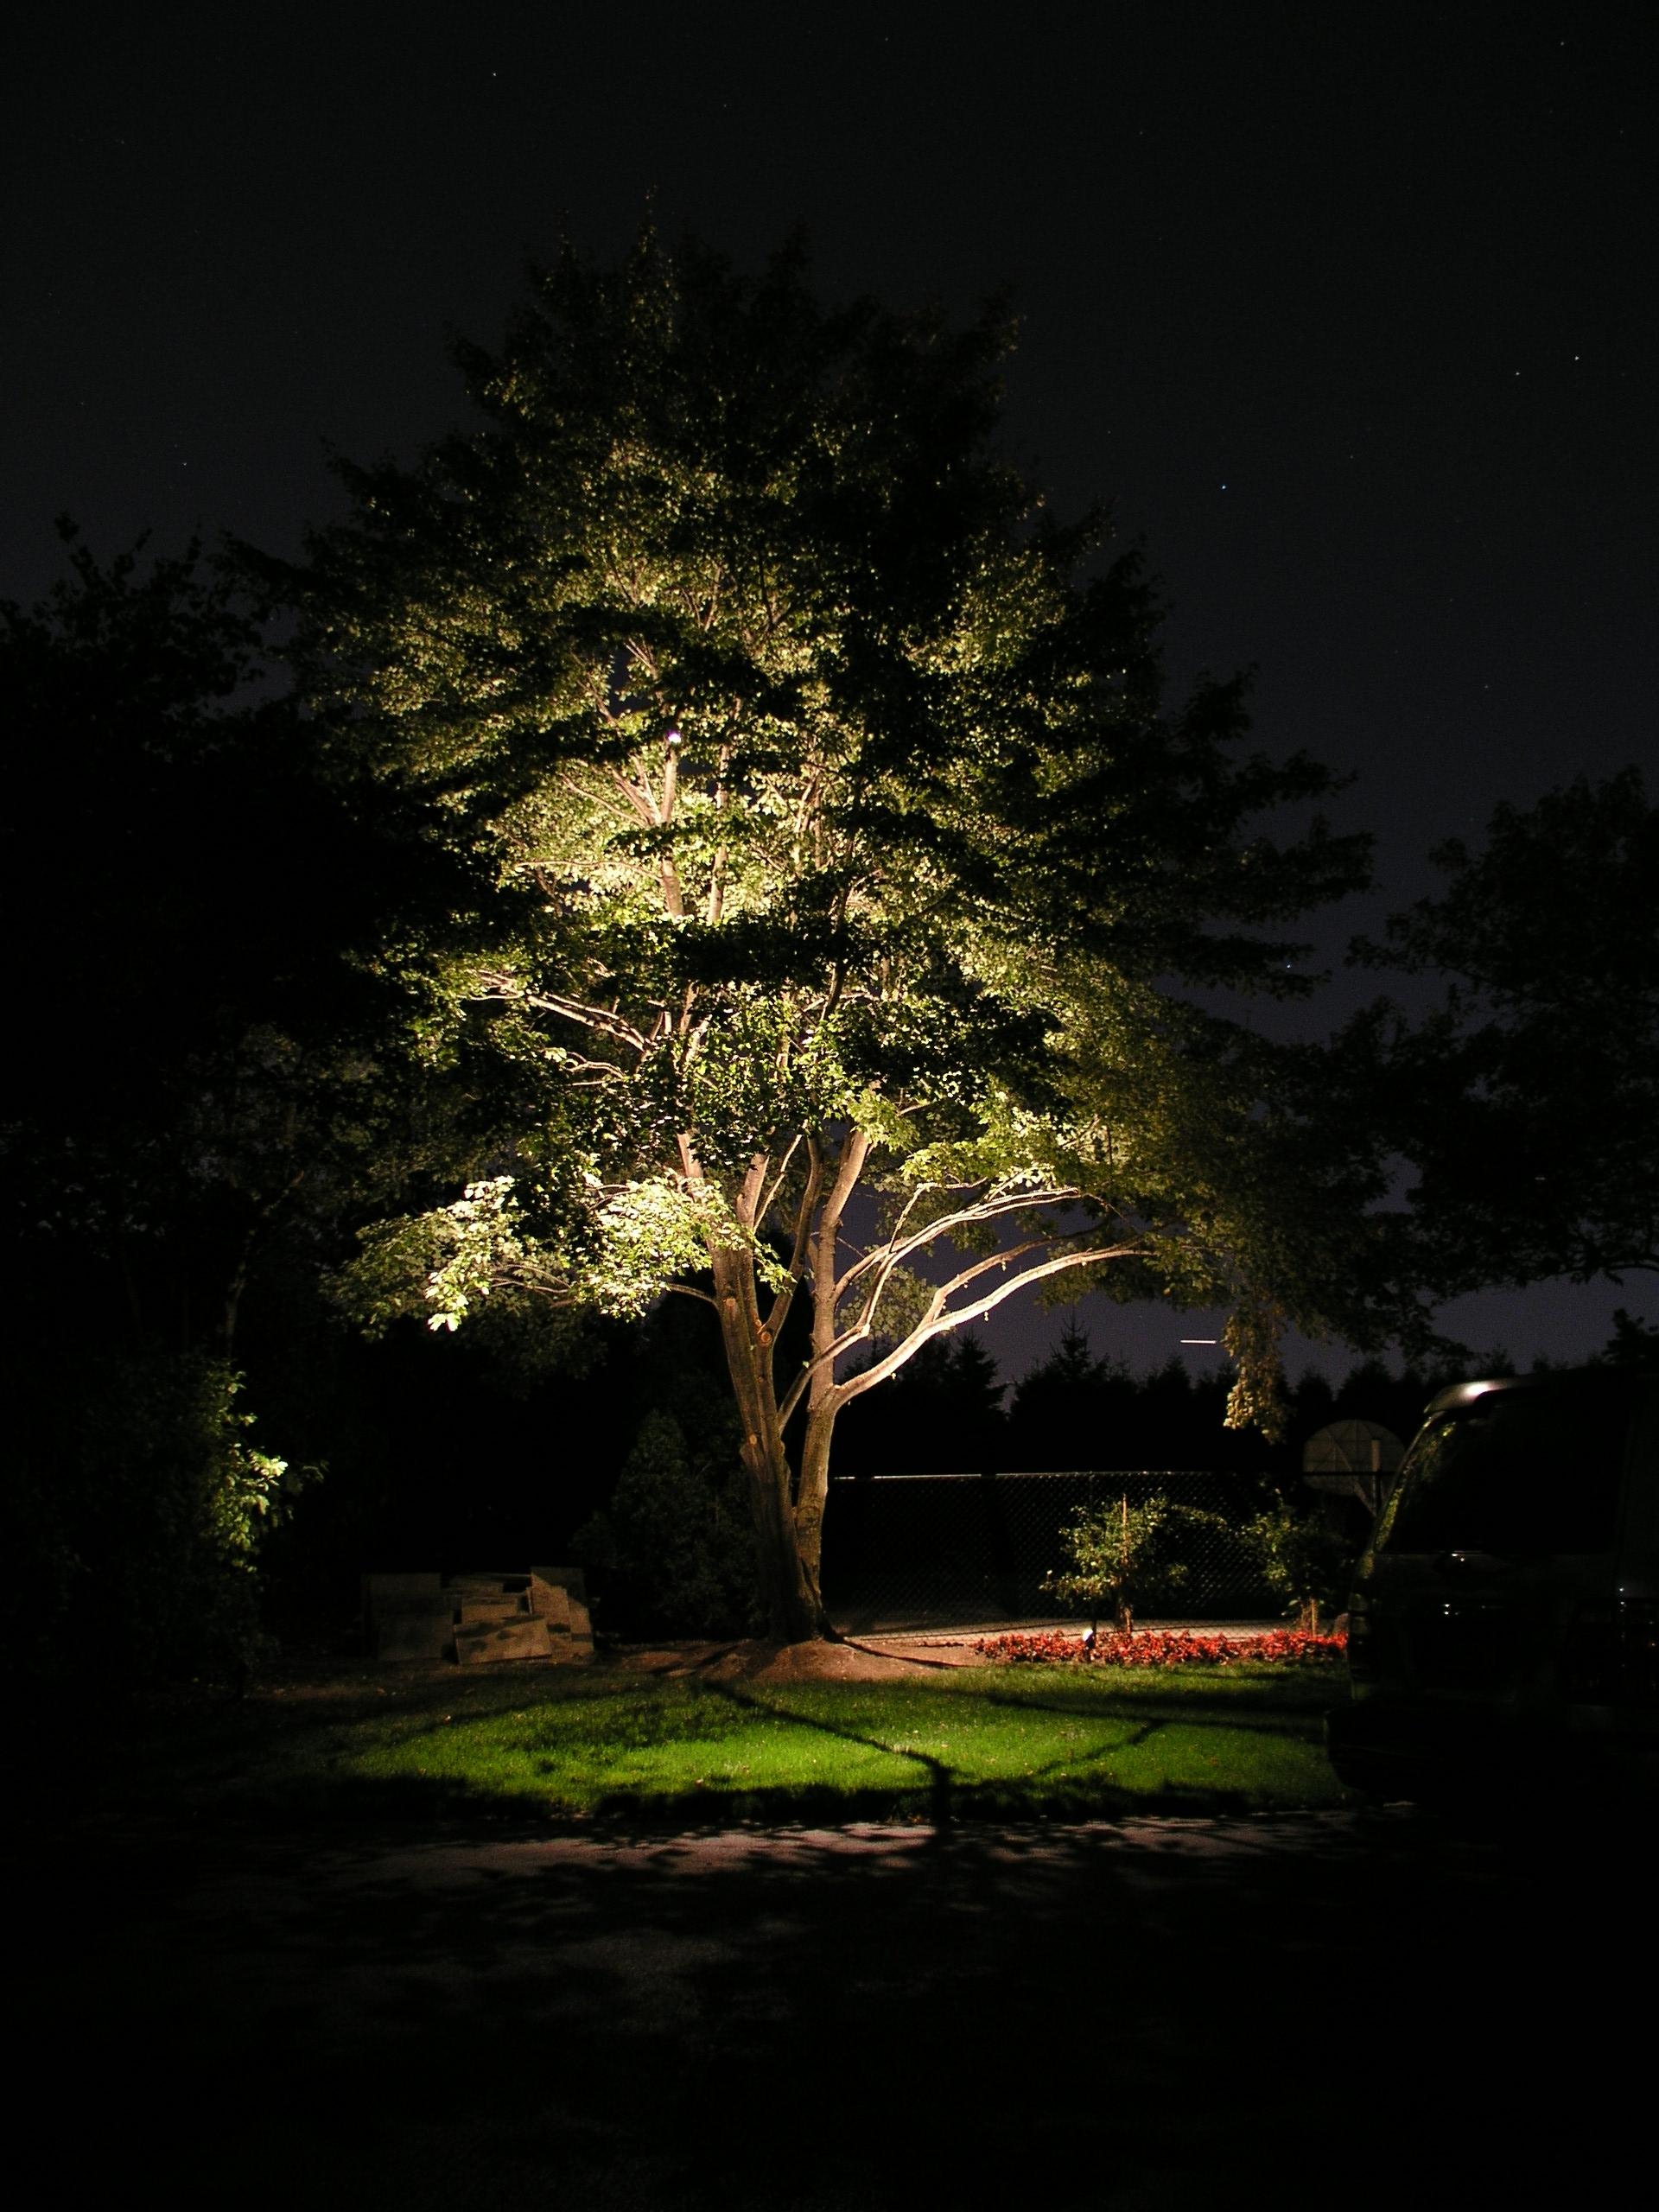 Installing Low Voltage Best Led Outdoor Landscape Lighting Kits